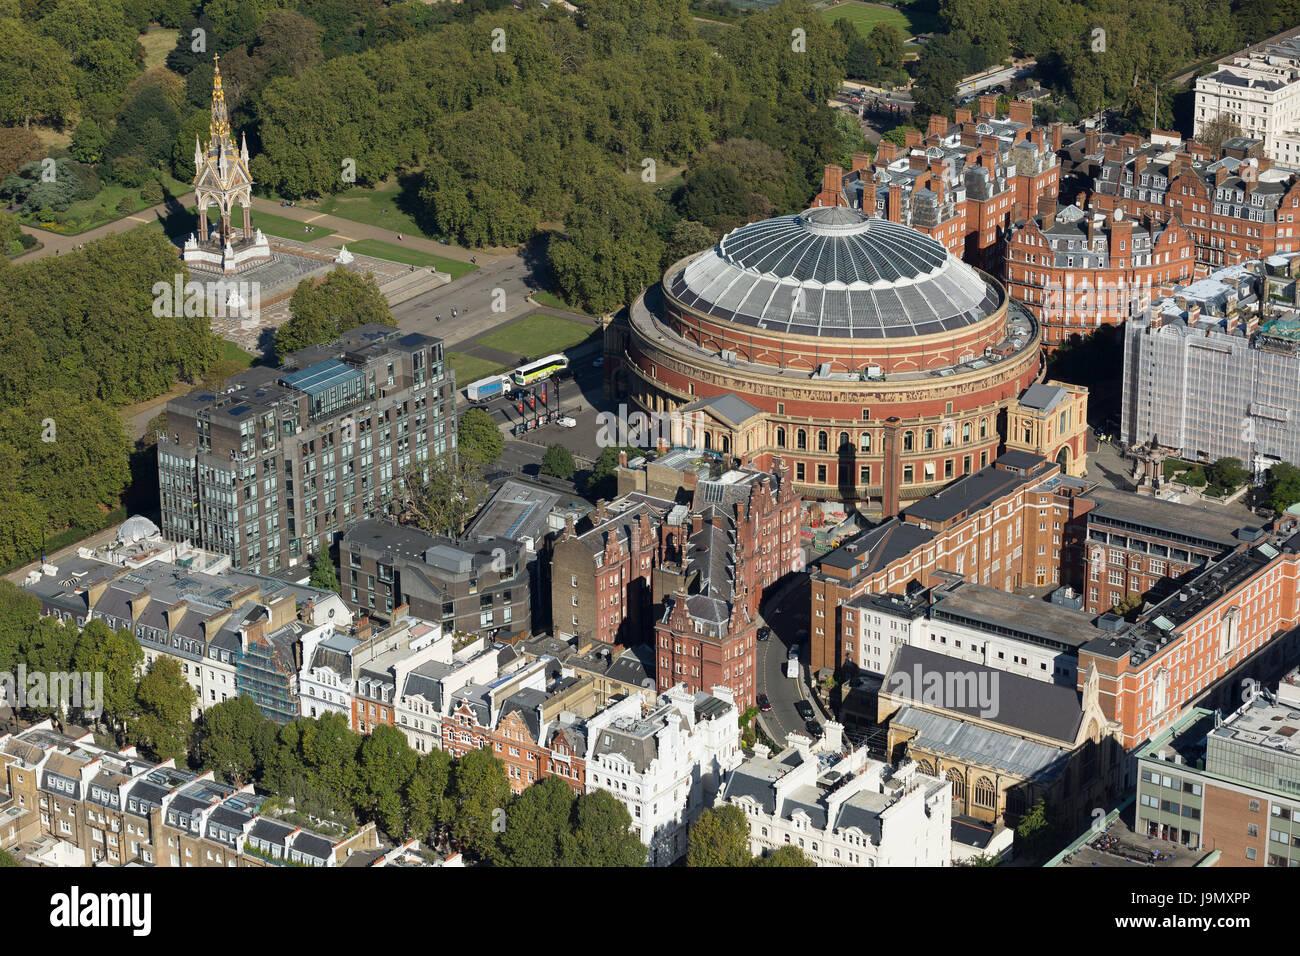 Aerial view of the Royal Albert Hall and Albert memorial, Kensington Gore, Kensington Gardens, London. The concert - Stock Image